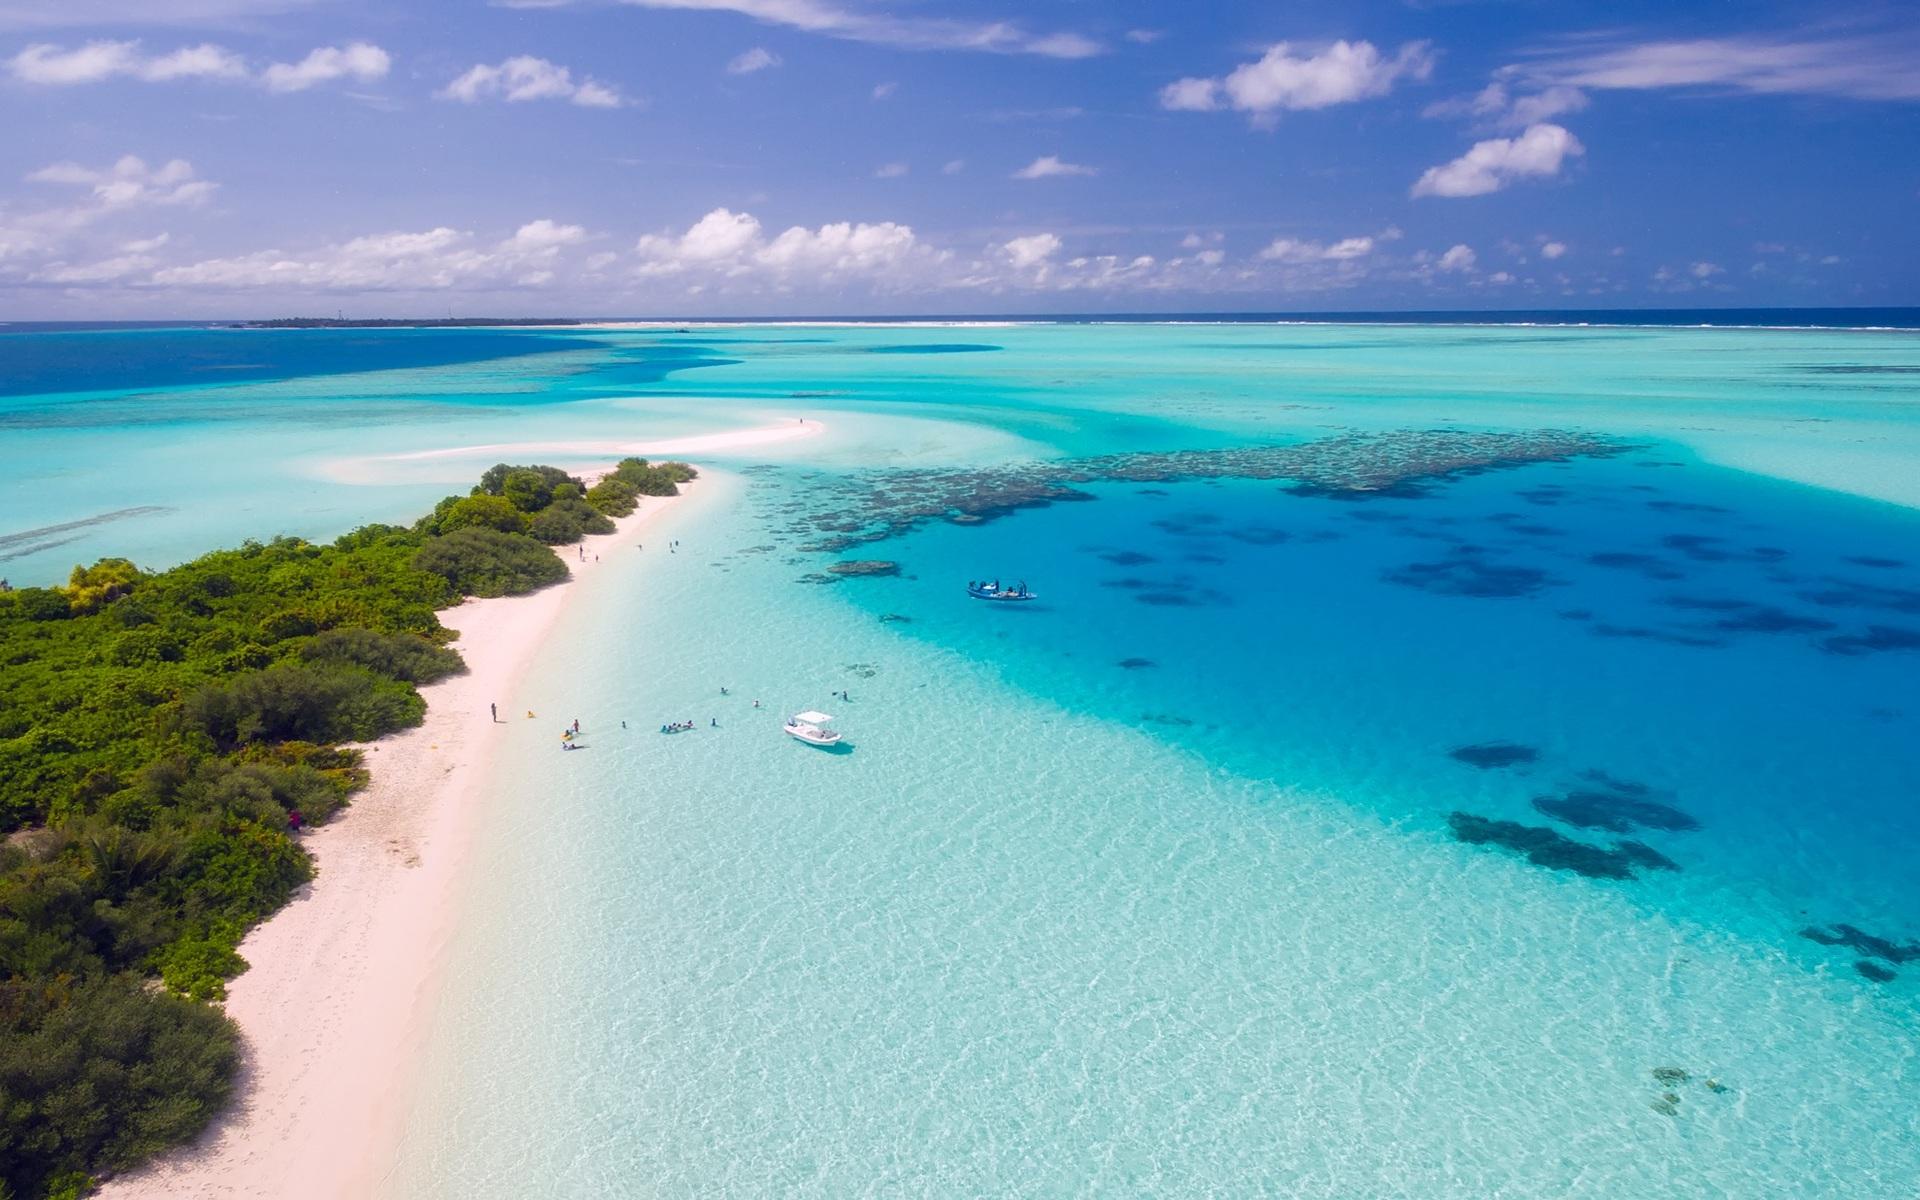 Лучшие пляжи мира рейтинг фото